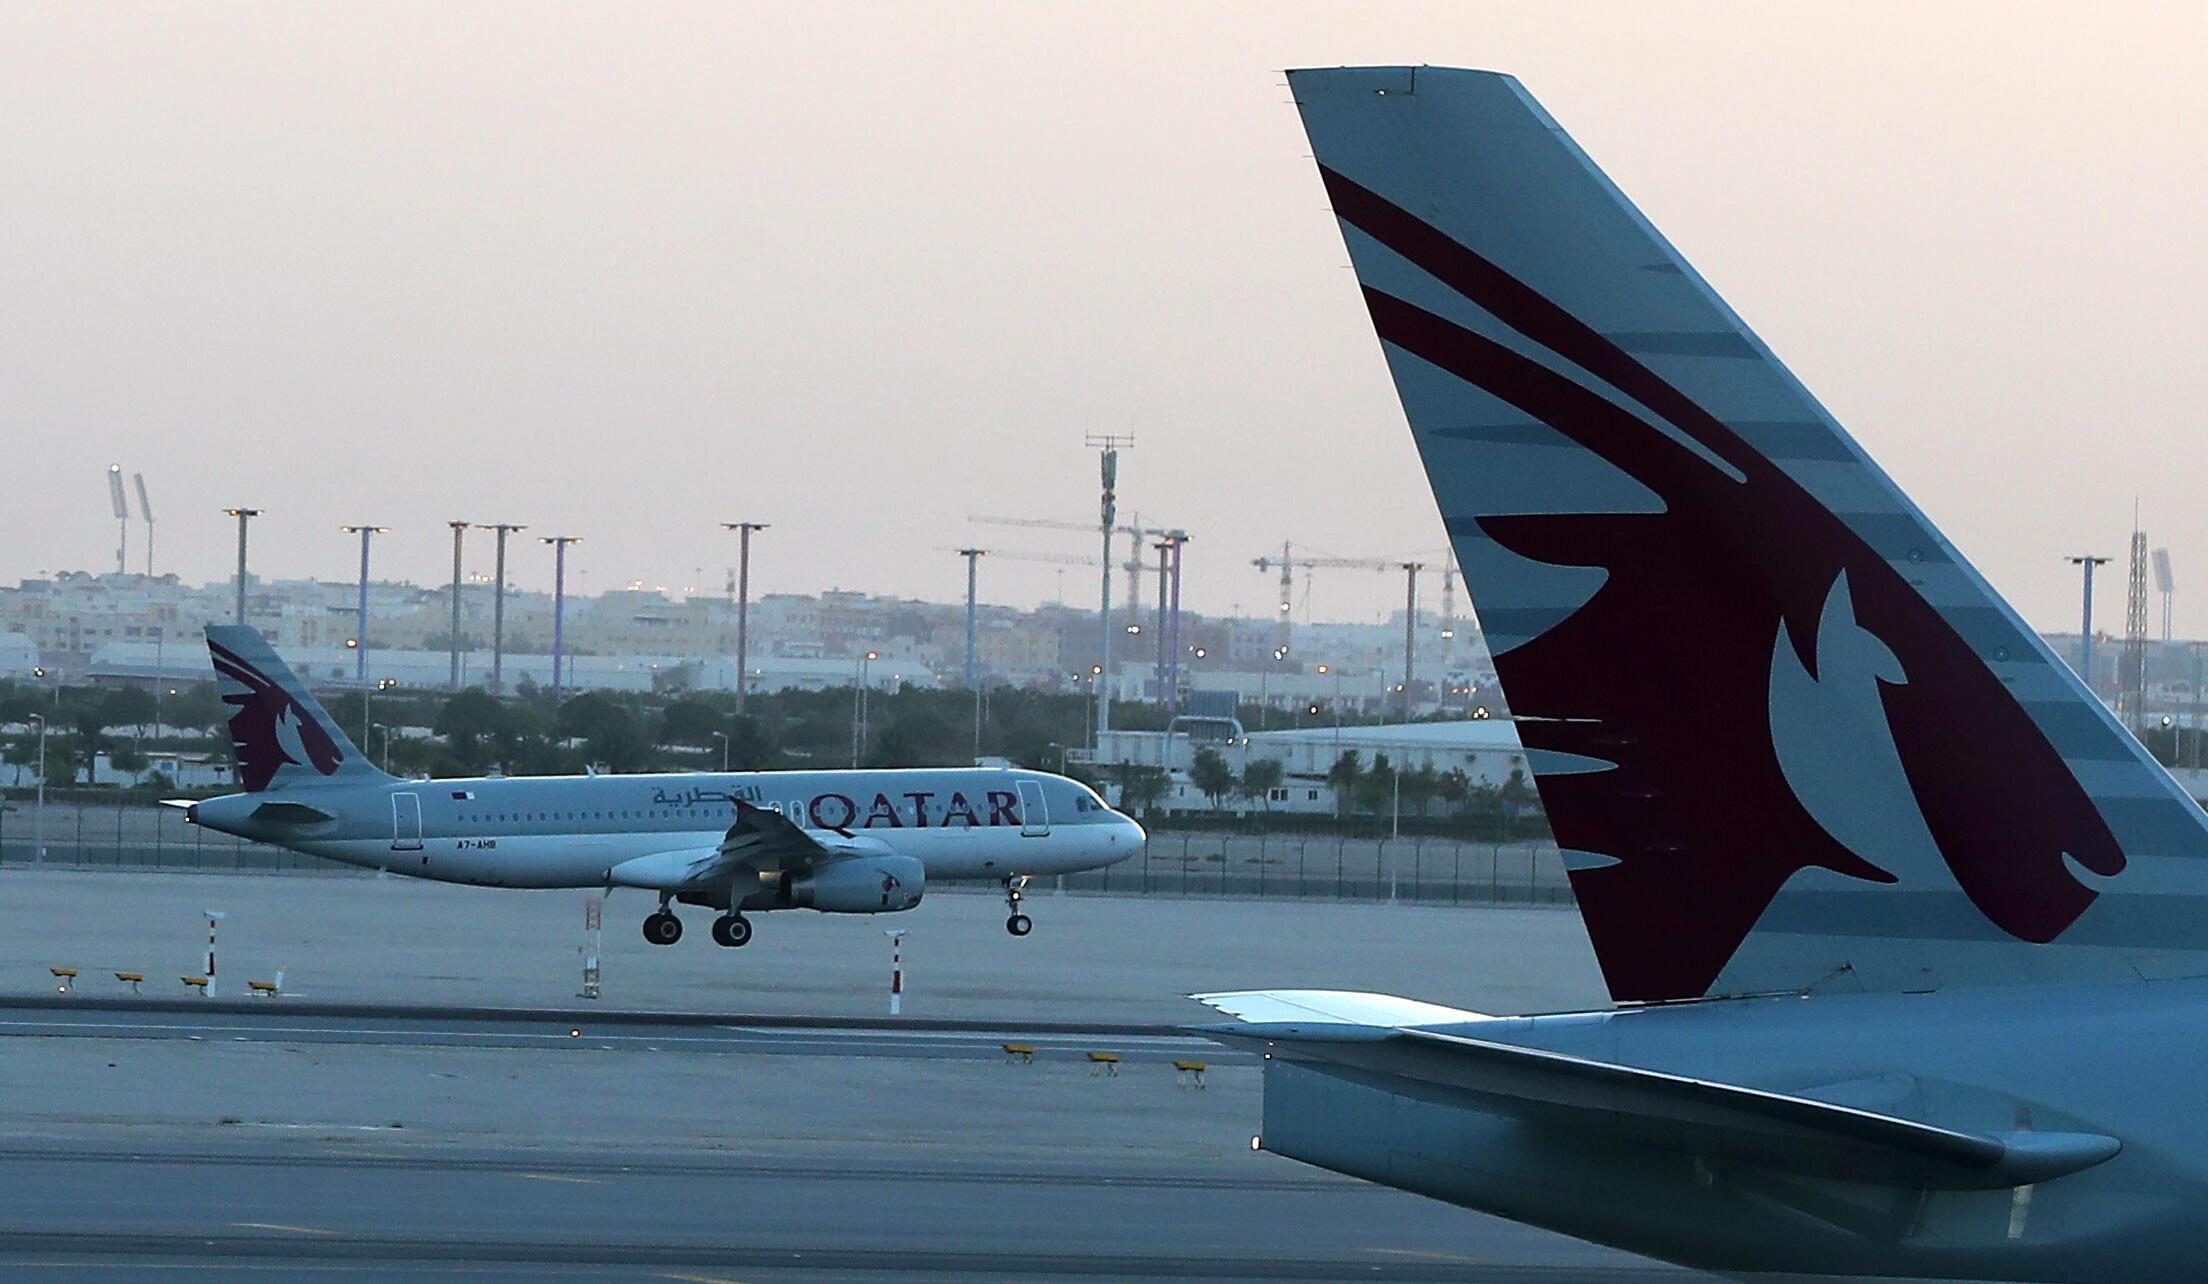 طائرة تابعة لشركة قطر للطيران تحط بمطار حمد الدولي بالدوحة، في 12 يونيو/حزيران 2017.